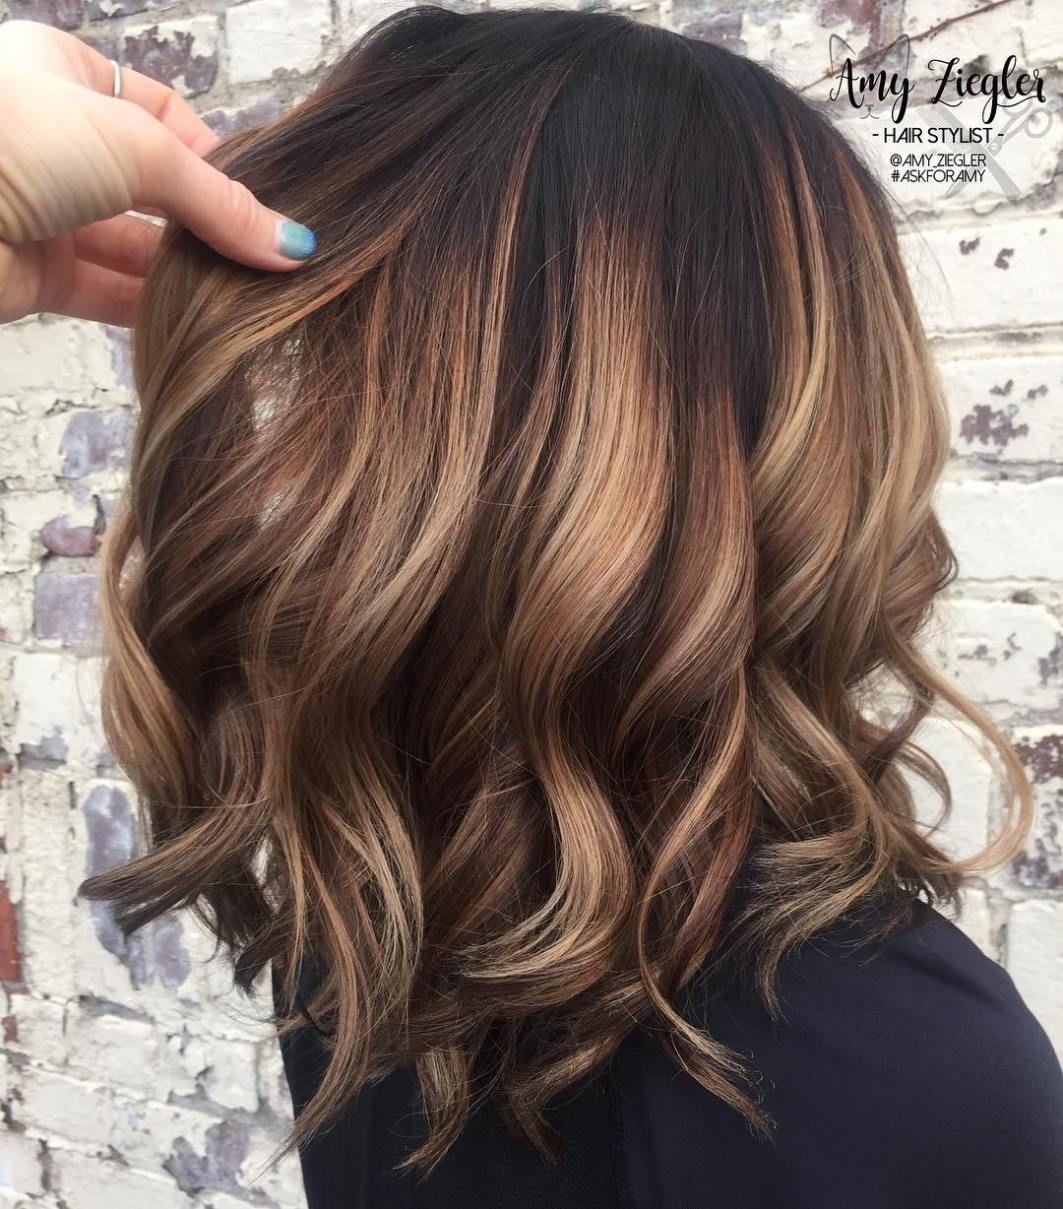 60 Fun And Flattering Medium Hairstyles For Women Balayage Bobbalayage Short Hairbalayage Hair Colourcaramel